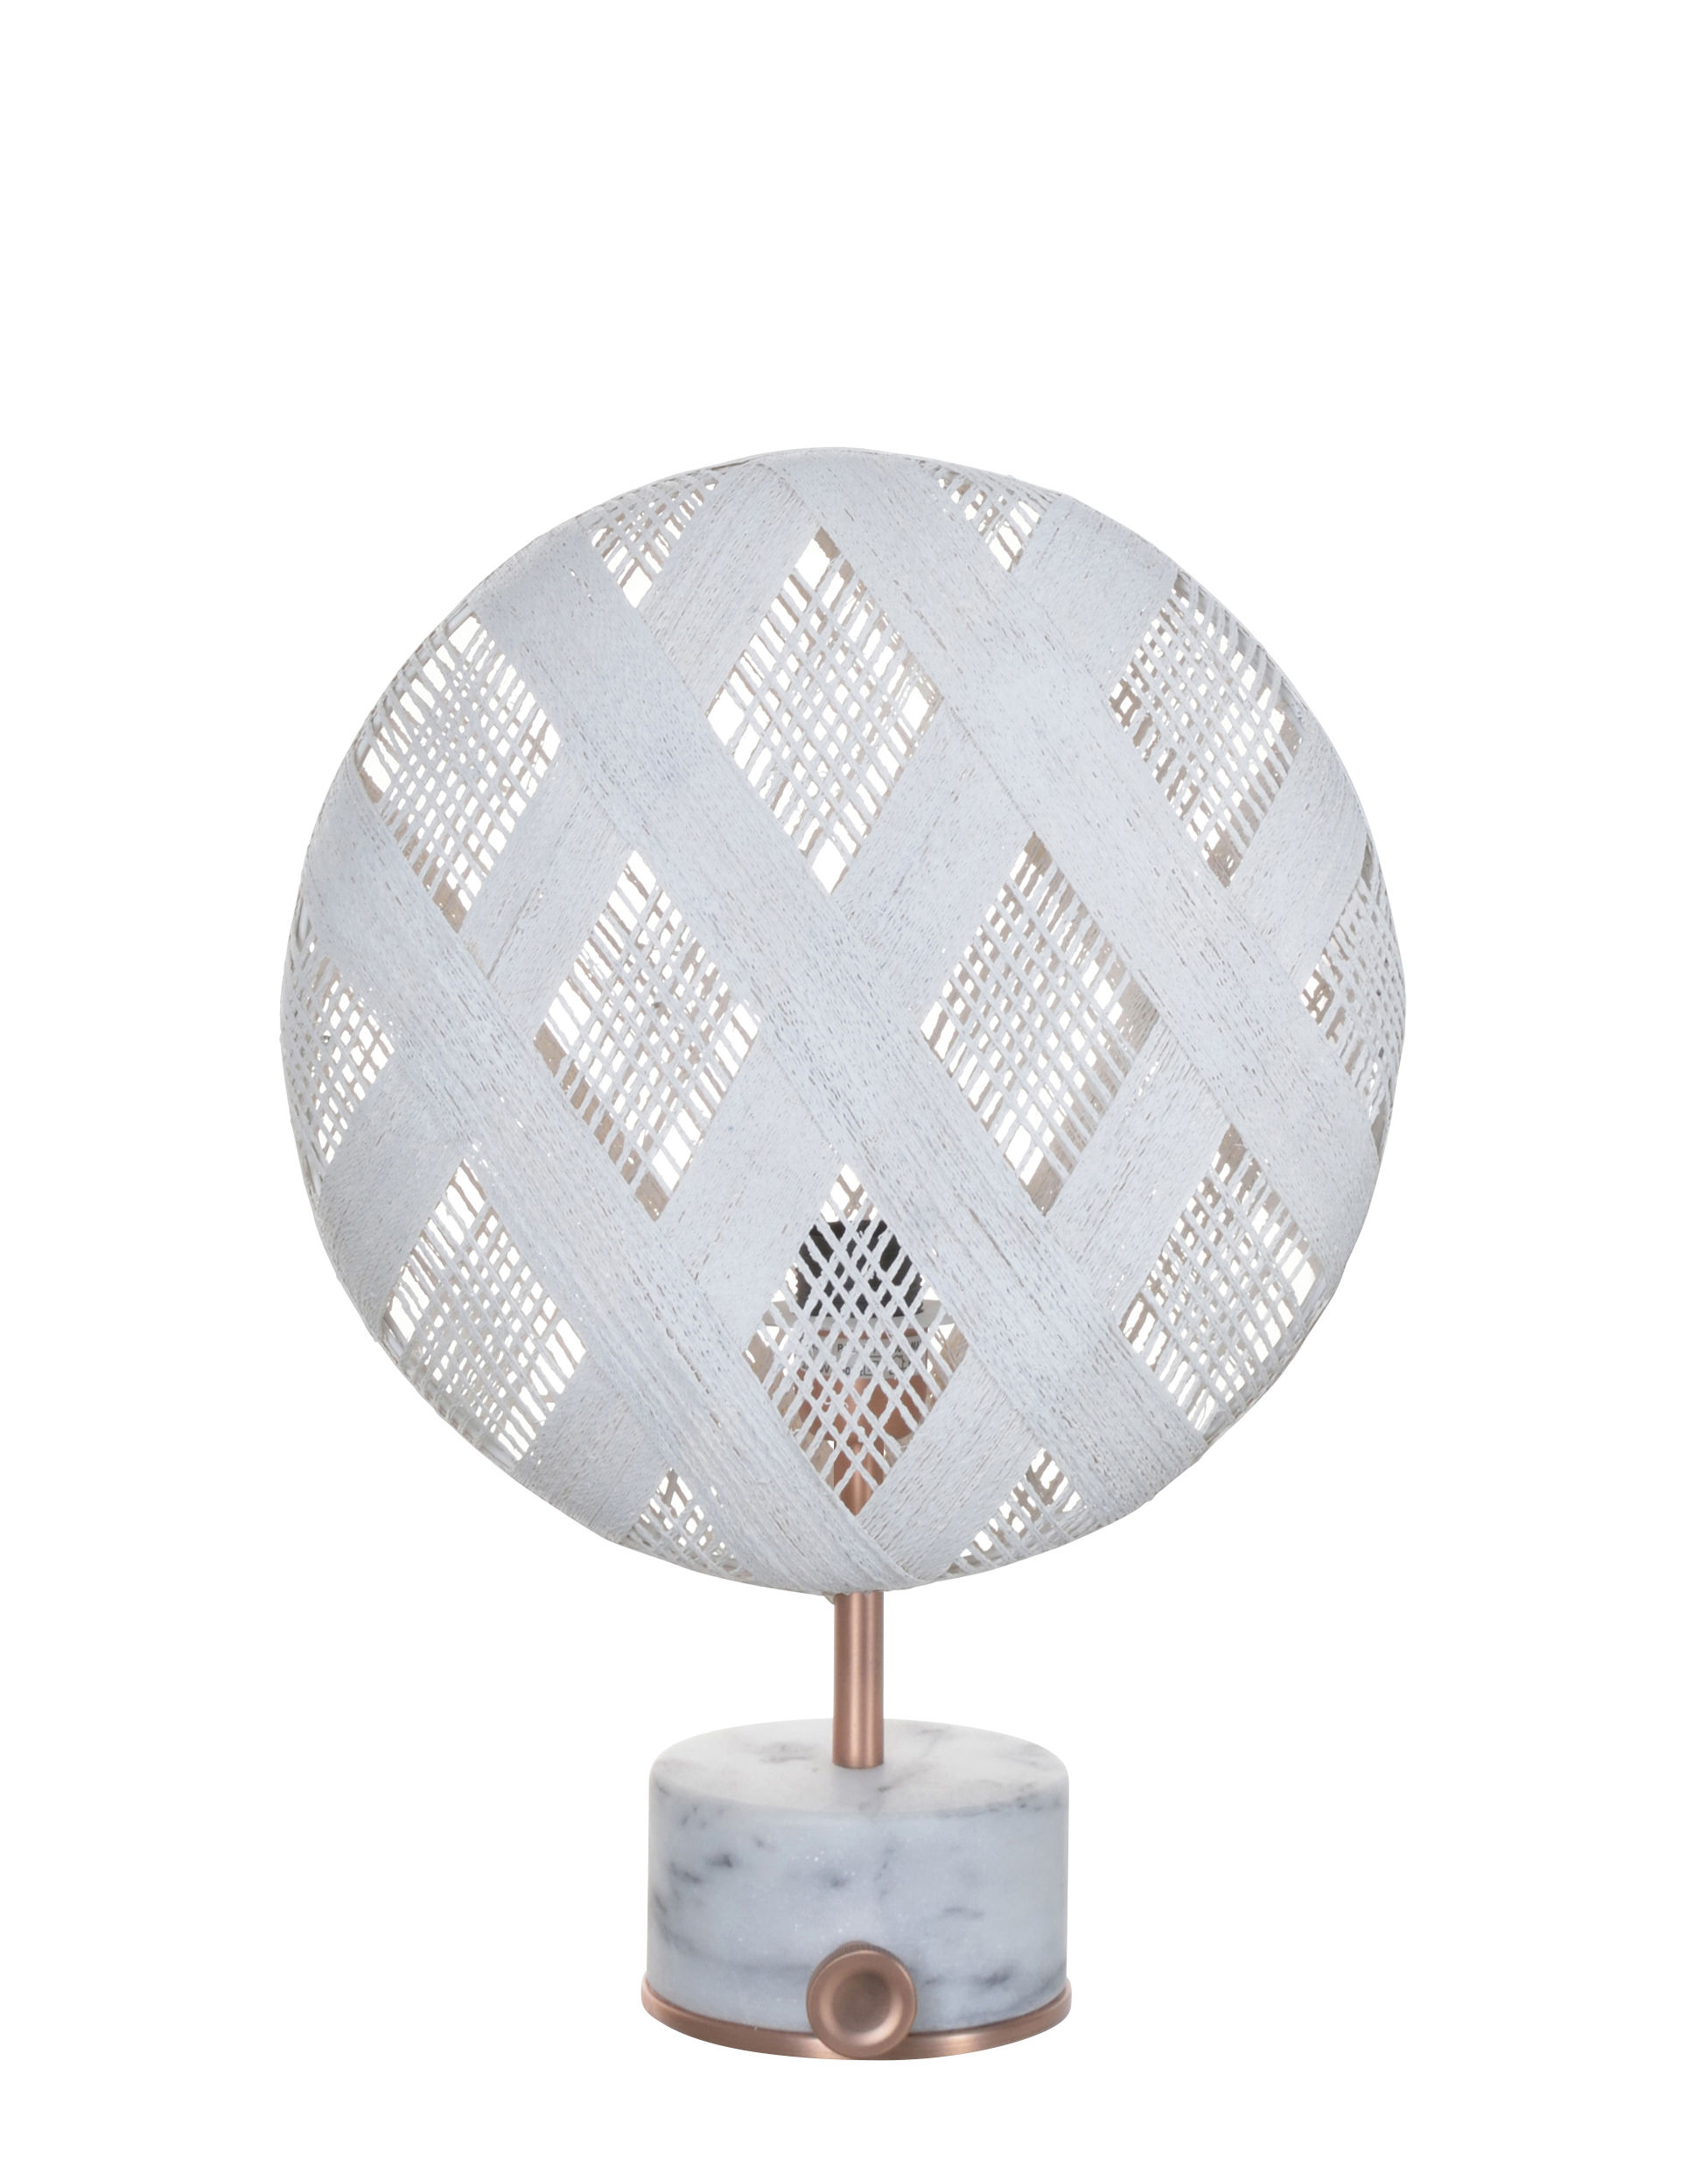 Luminaire - Lampes de table - Lampe de table Chanpen Diamond / Ø  26 cm - Motifs losanges - Forestier - Blanc / Cuivre - Abaca tissé, Marbre, Métal